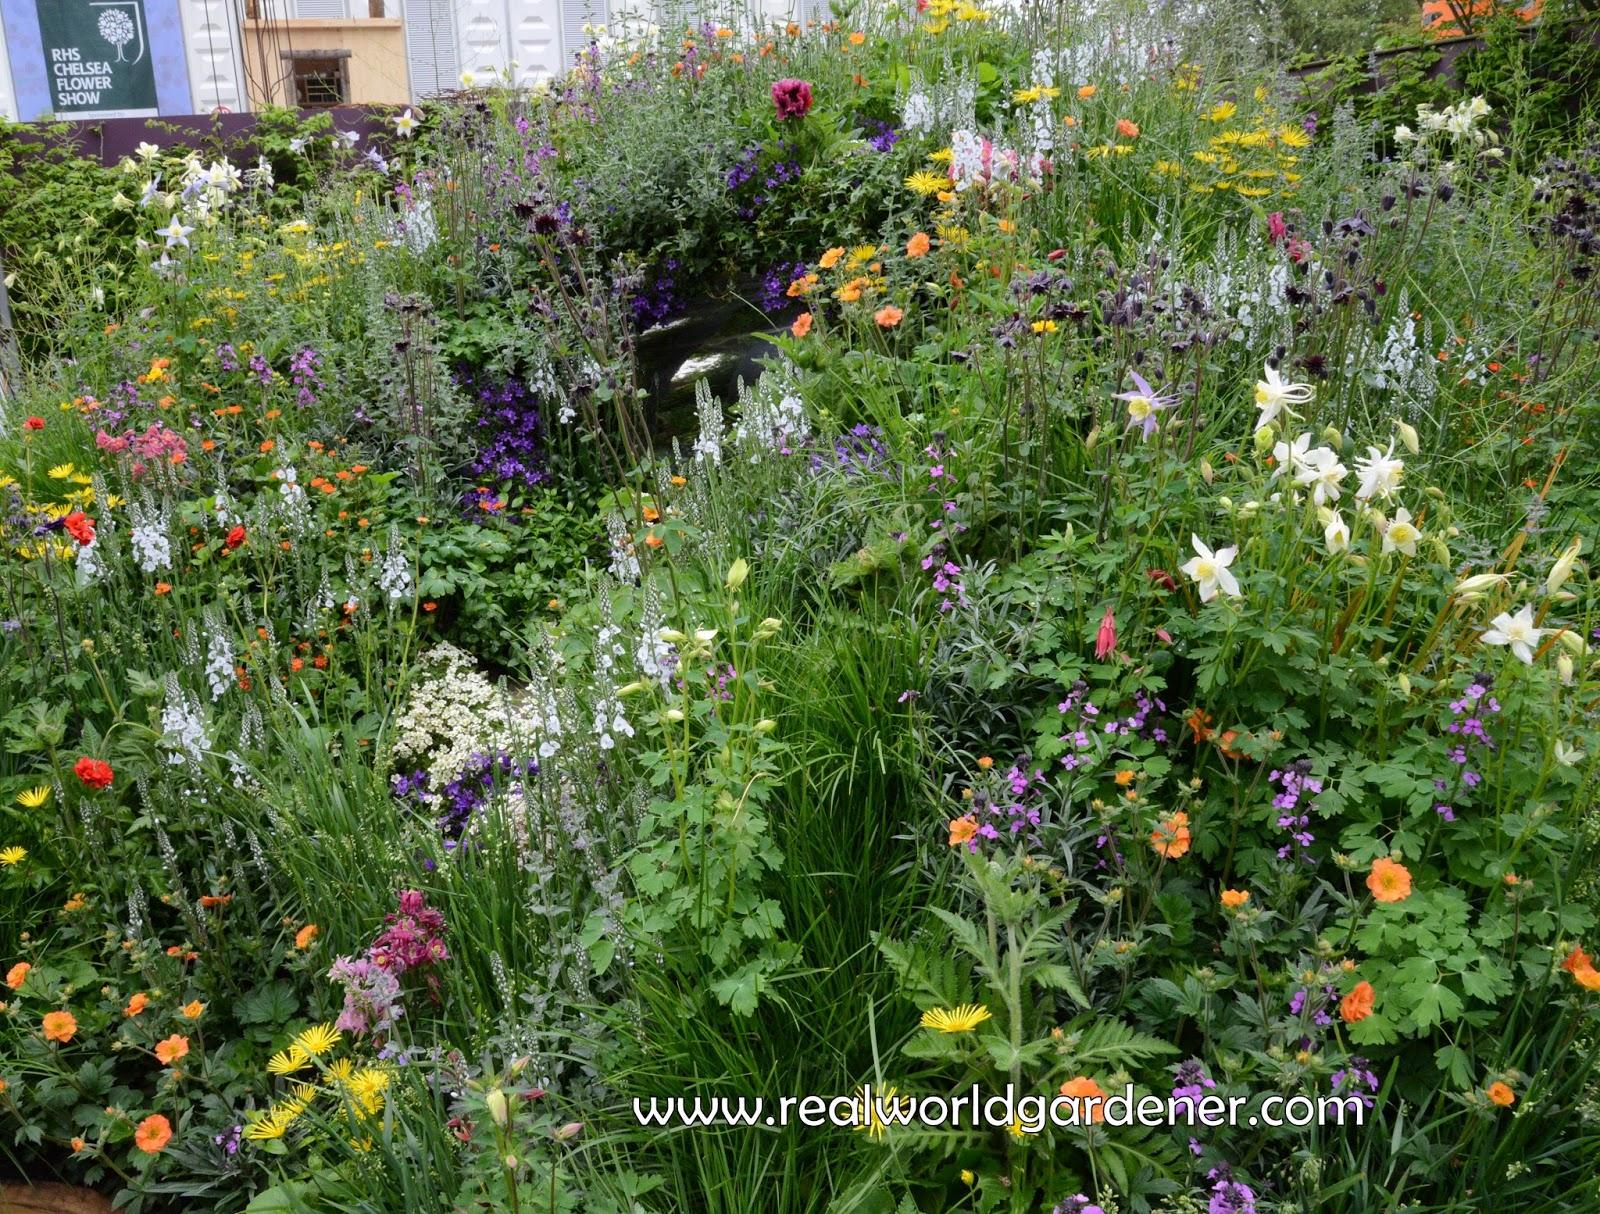 Real world gardener scented bulbs part 3 in design for Garden design podcast